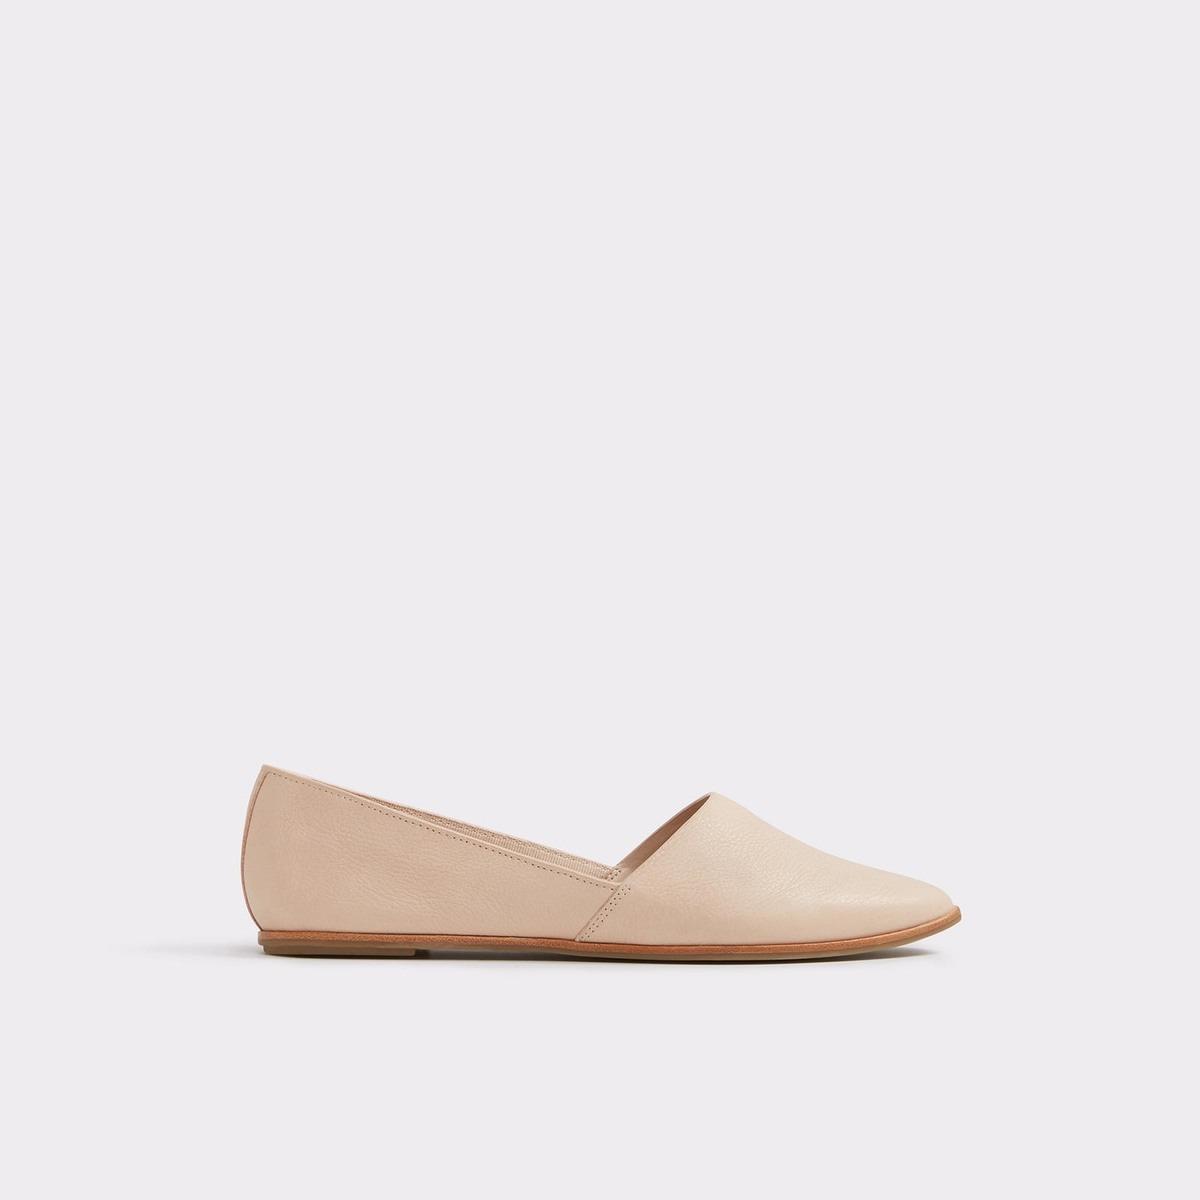 24aa7a51 Zapatos De Mujer Aldo Blanchette - $ 95.990 en Mercado Libre